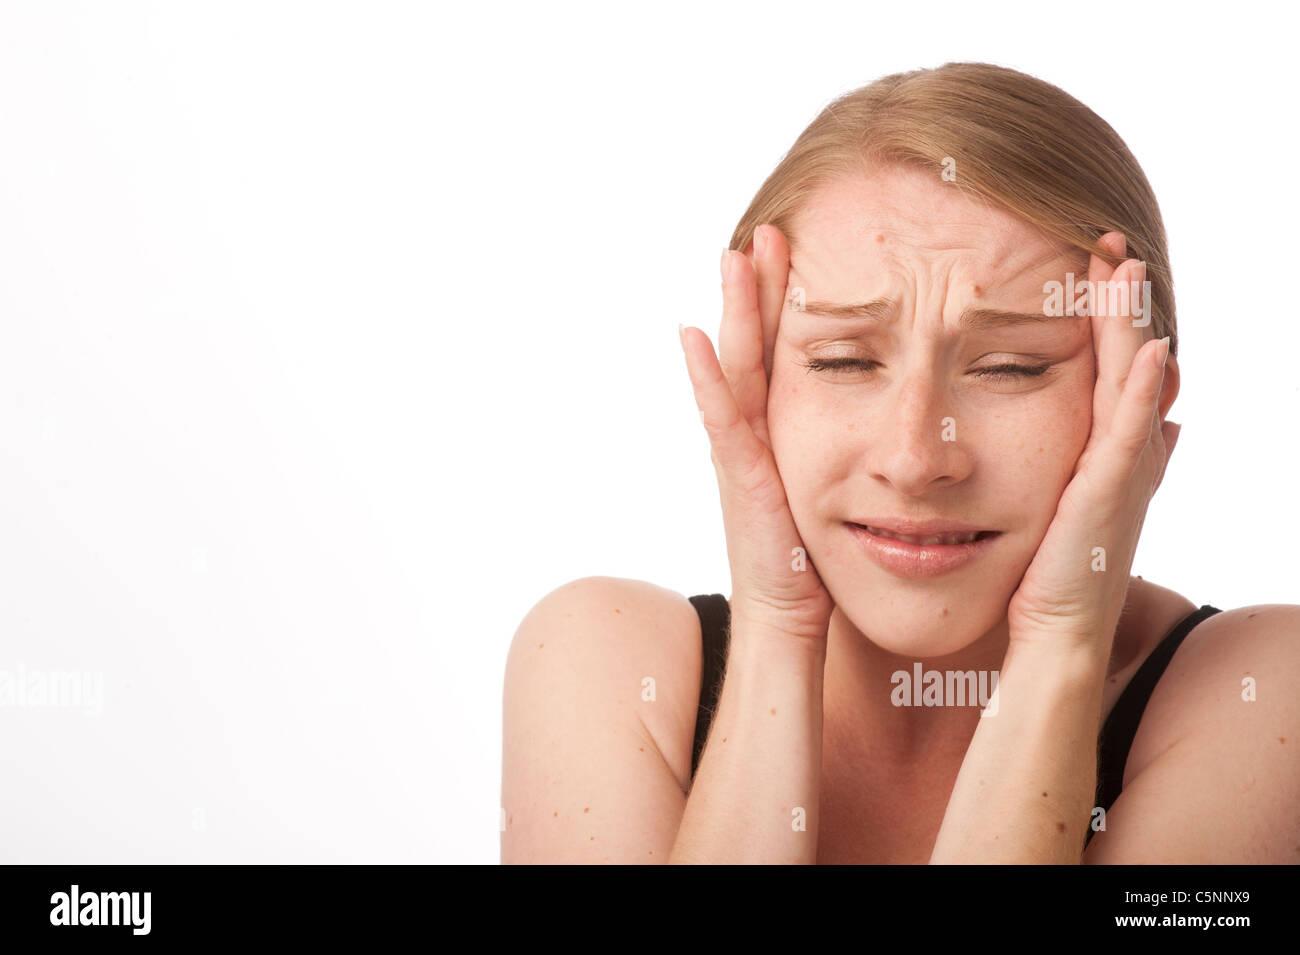 eine junge kaukasischen Frau mit Kopfschmerzen Stirn reiben zur Linderung der Schmerzen, UK Stockbild